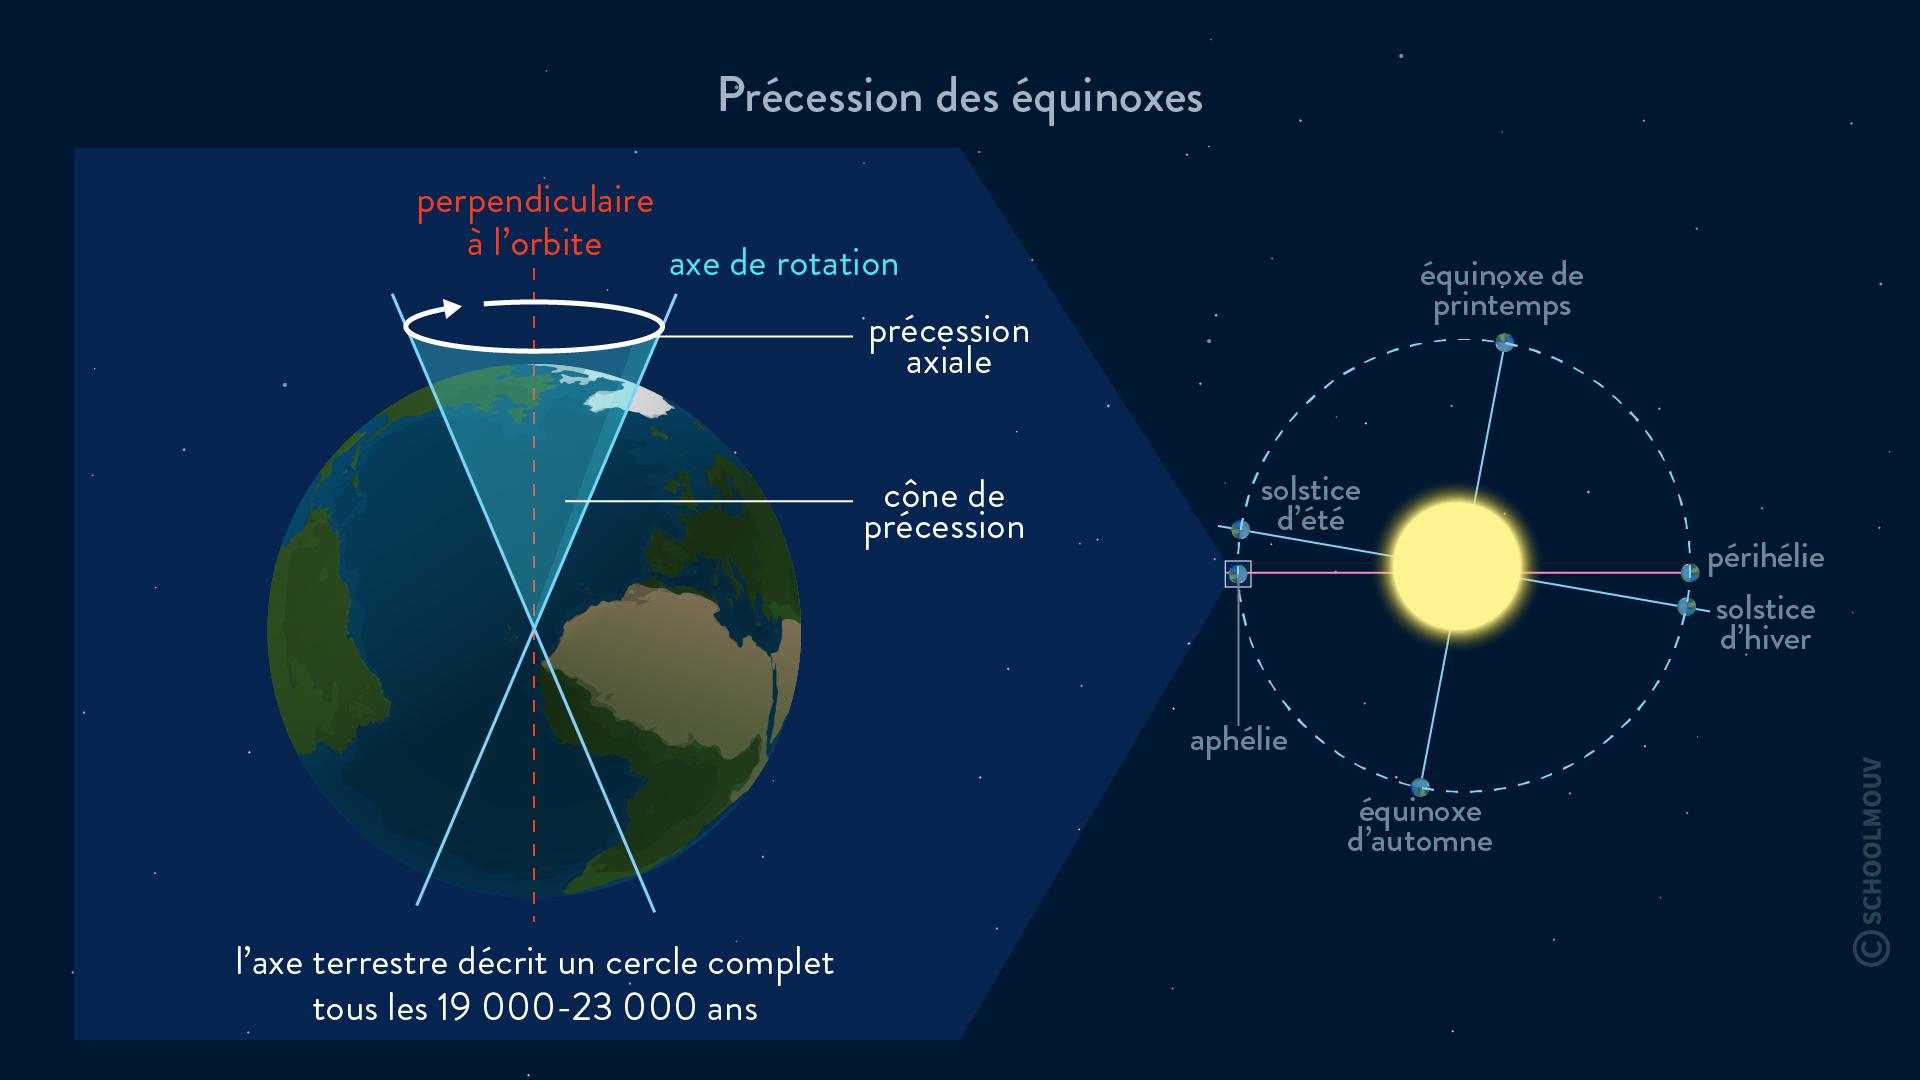 Milankovitch précession des équinoxes